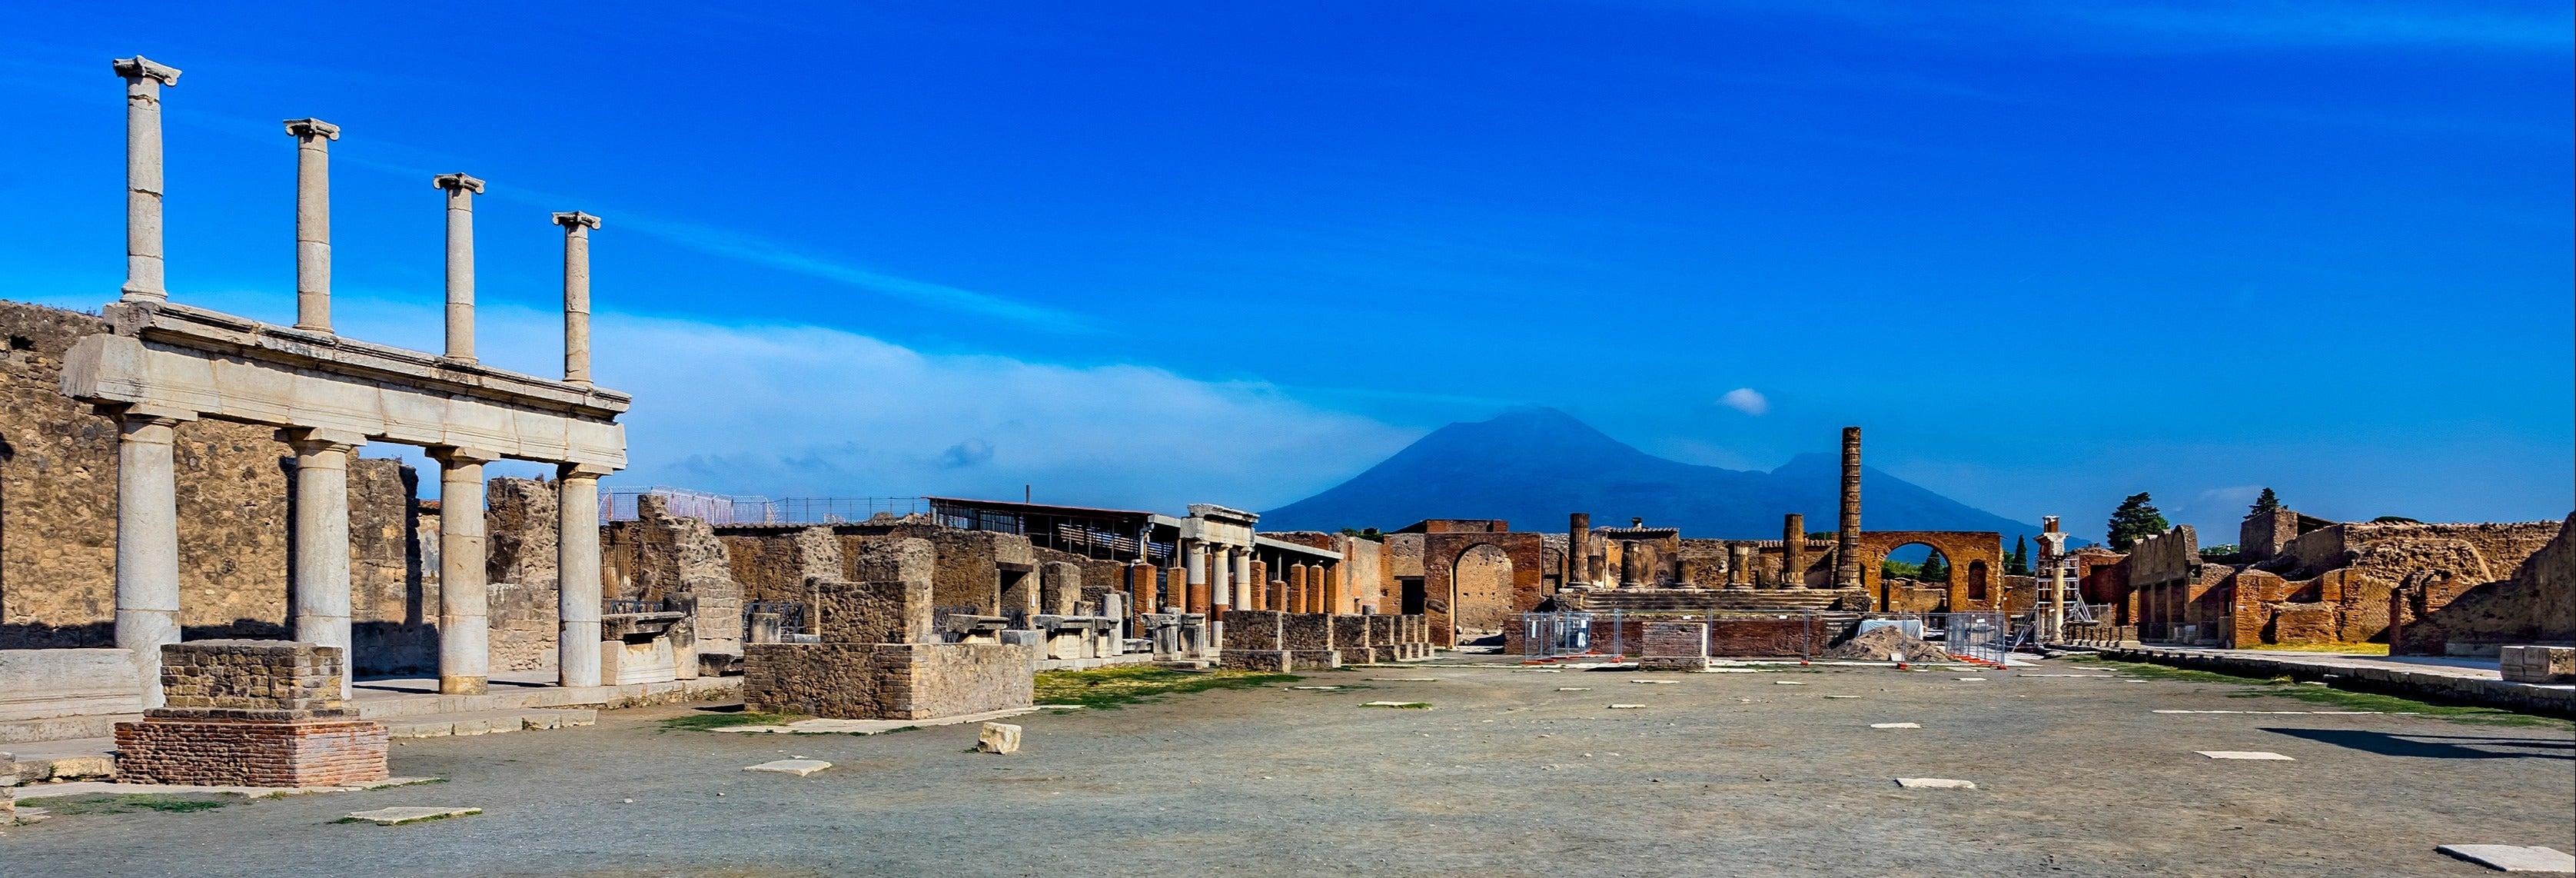 Escursione a Pompei, a Ercolano e al Vesuvio